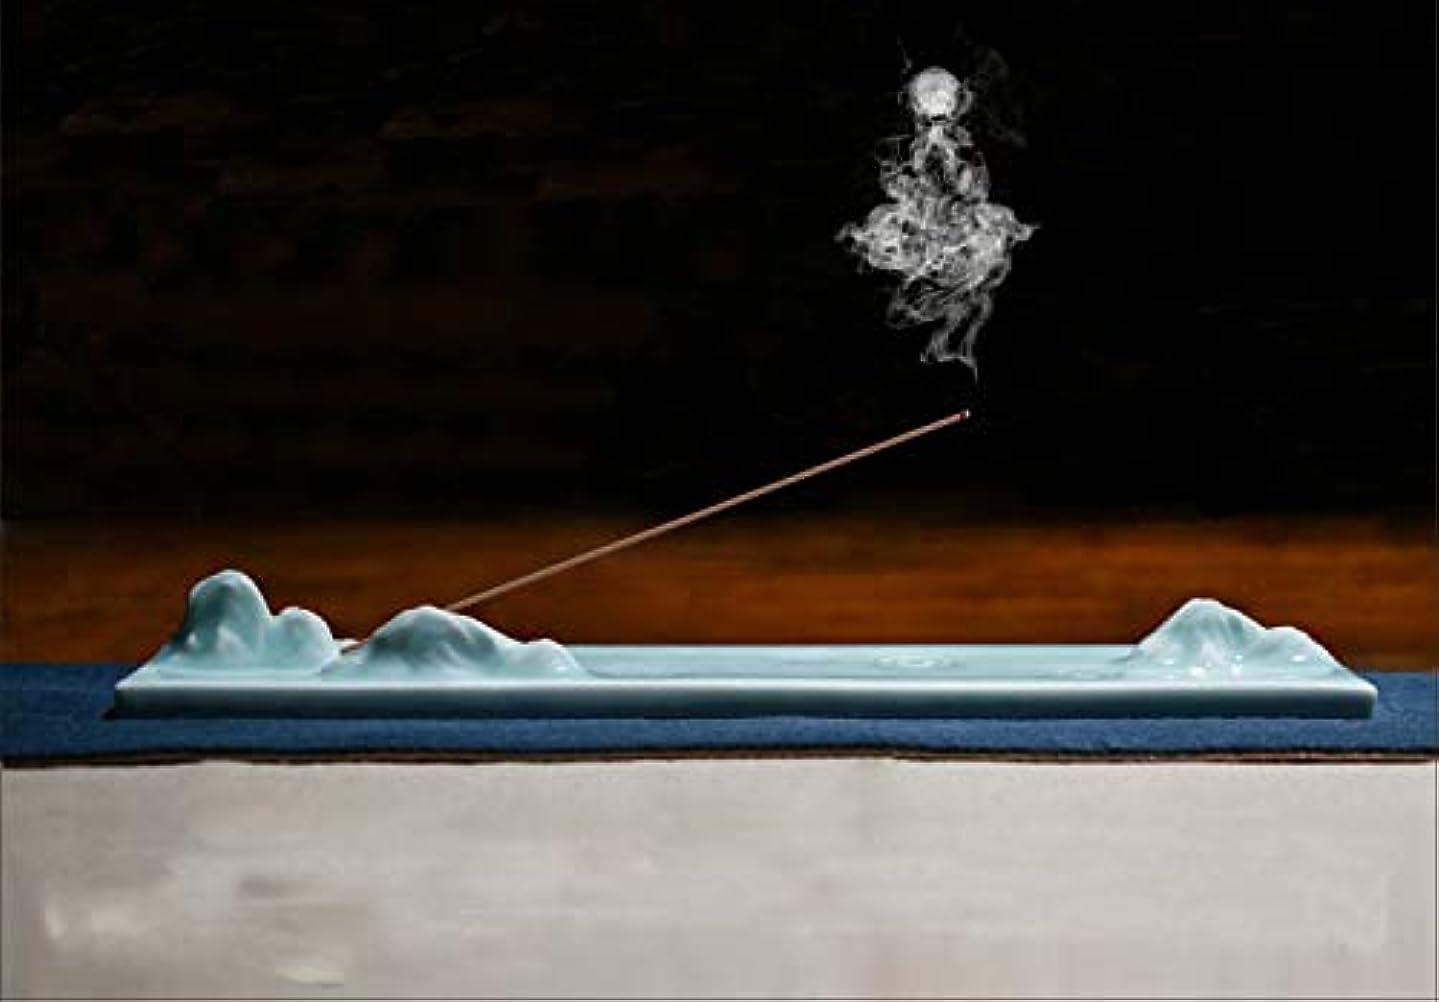 クレア交換悪のPHILOGOD 陶器香炉 青花磁器クリエイティブスタイリング 線香立て 仏壇用香置物 香皿